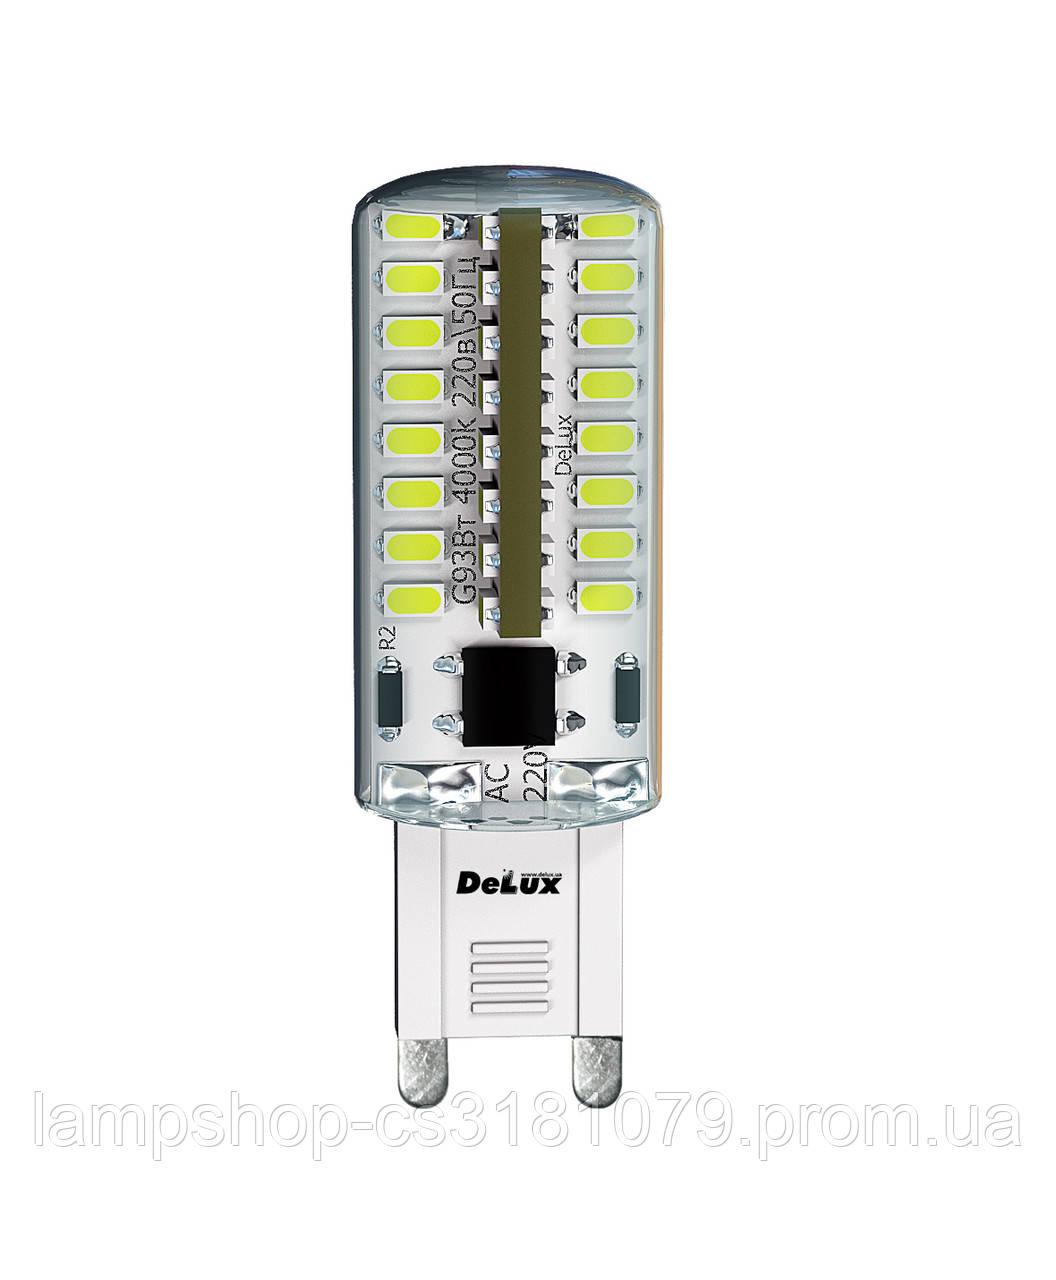 Лампа светодиодная DELUX G9E 3Вт 3000K 220В G9 теплый белый Код товара:90003756